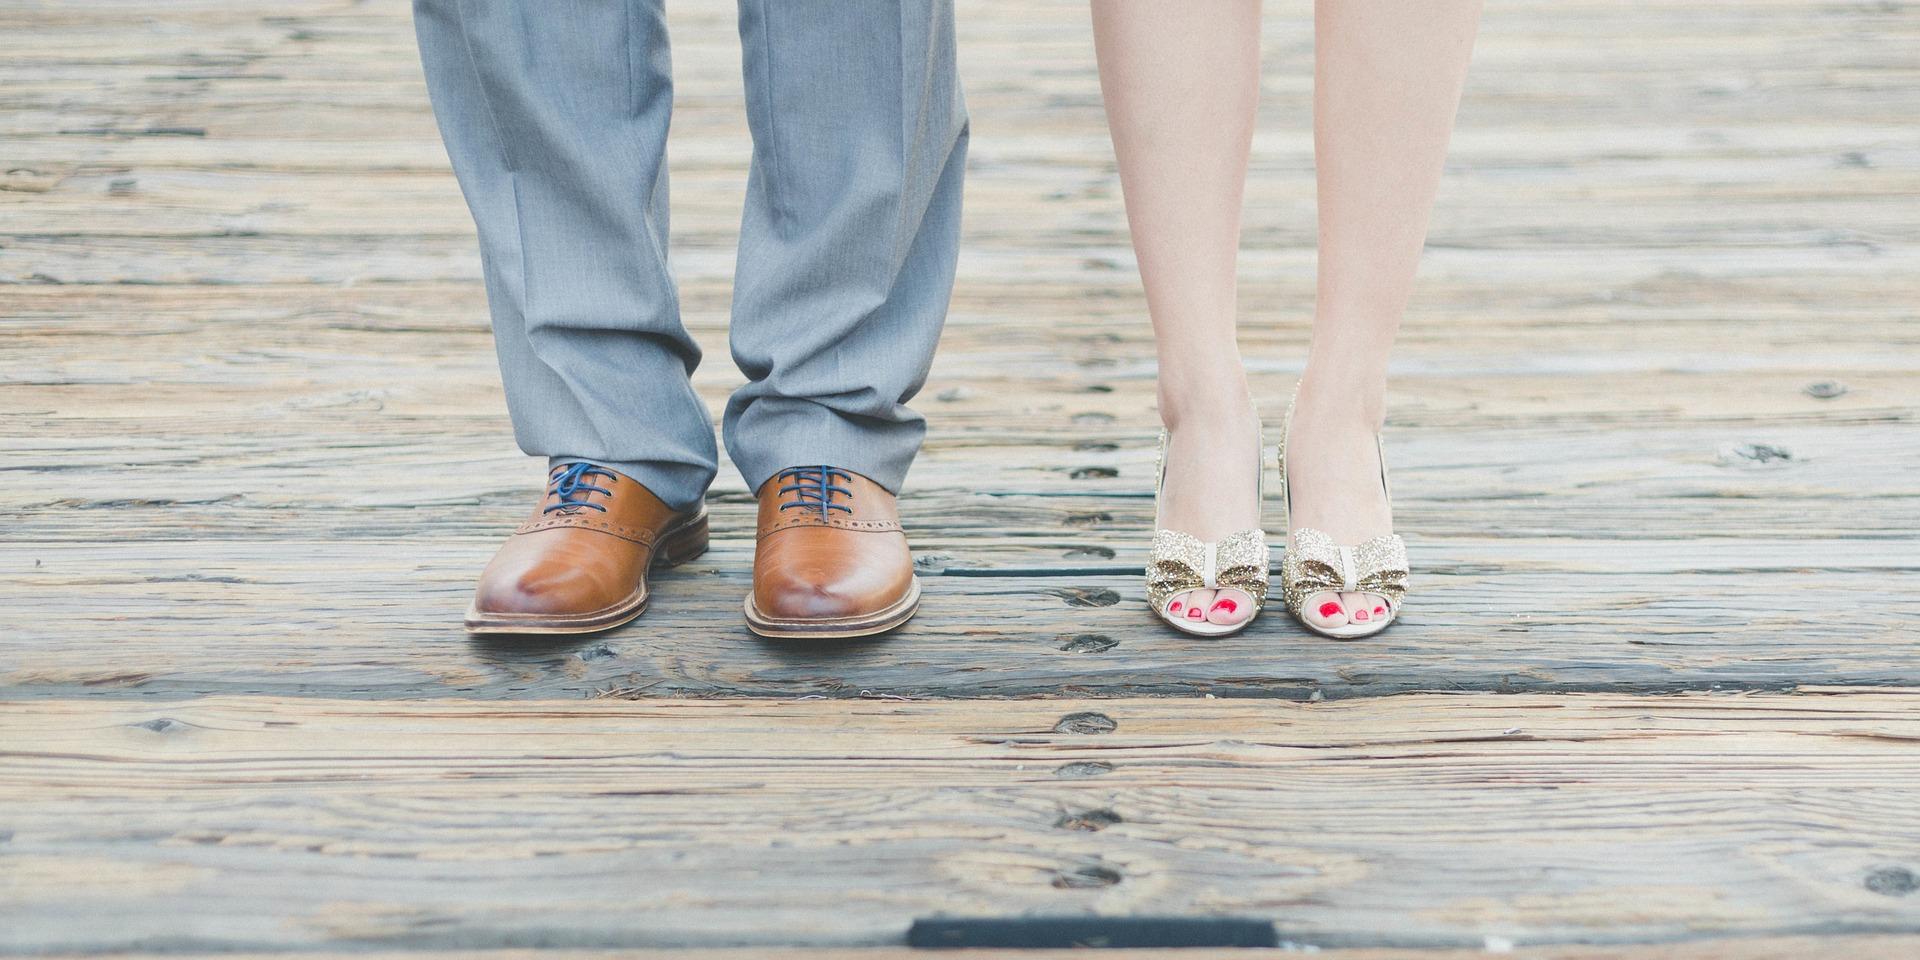 Dans les souliers de la mariée